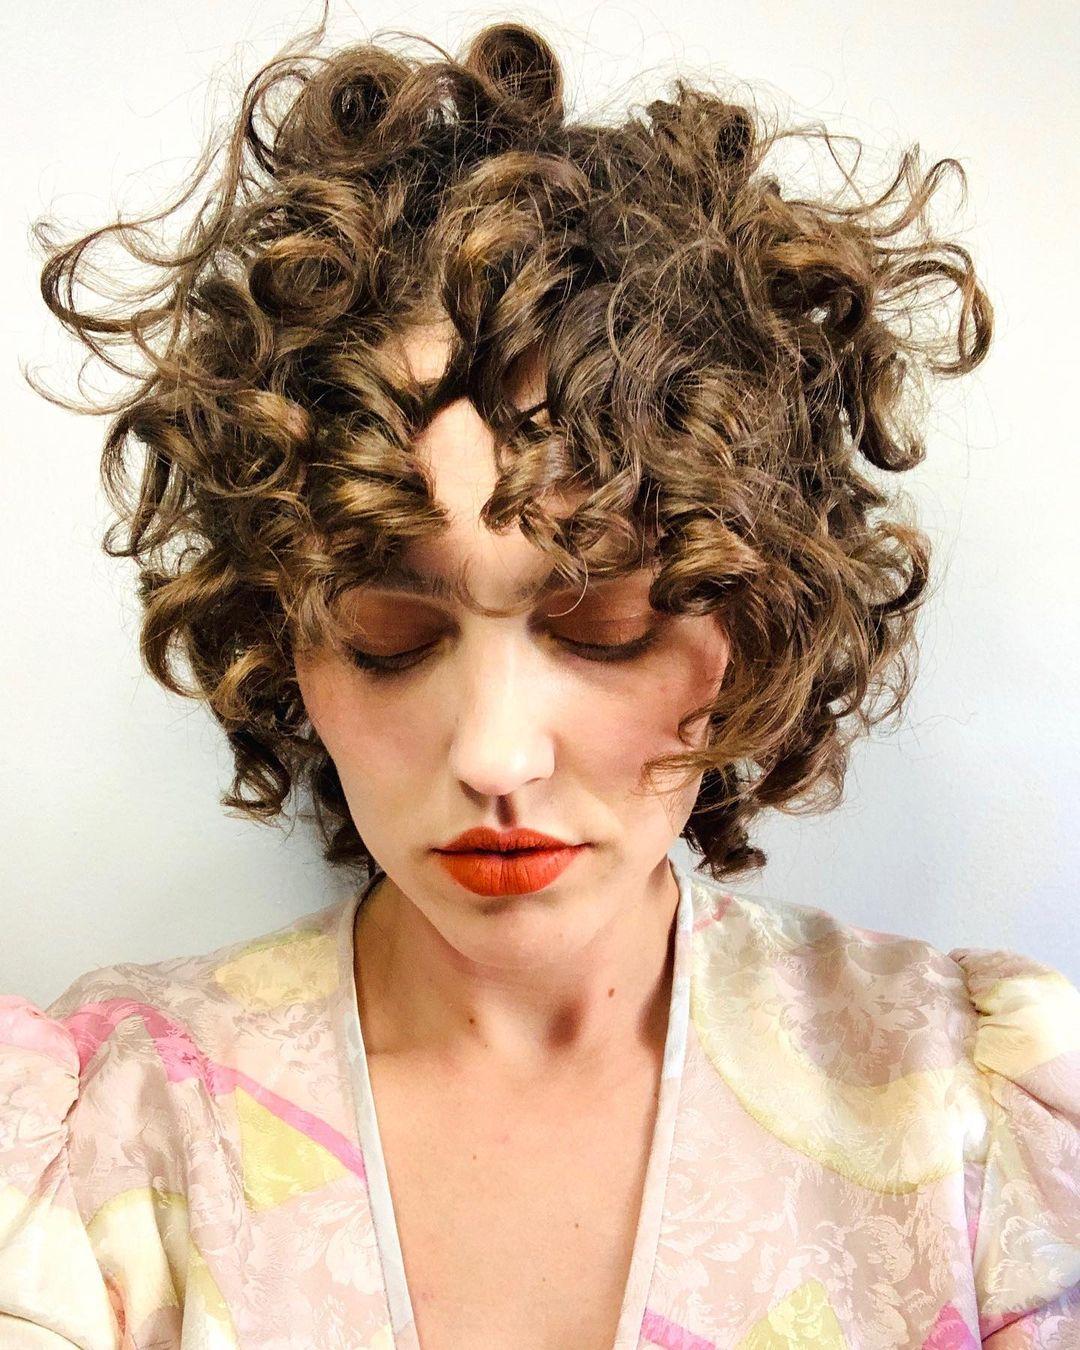 Inspiring Curly Long Bangs